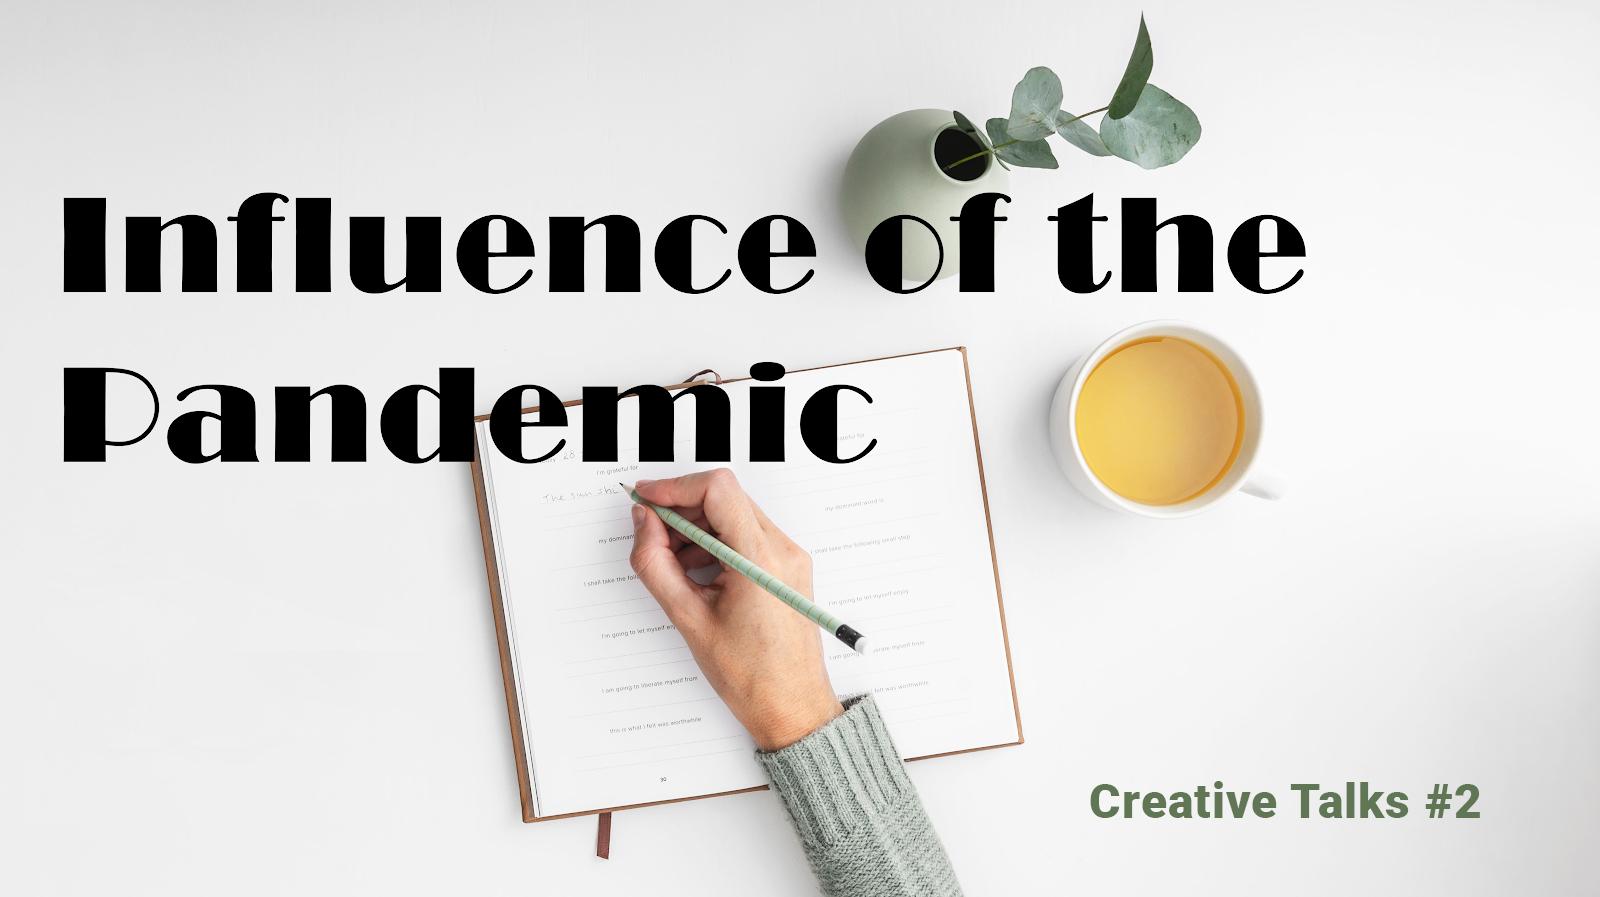 Creative Talks Banner: a hand writing a list